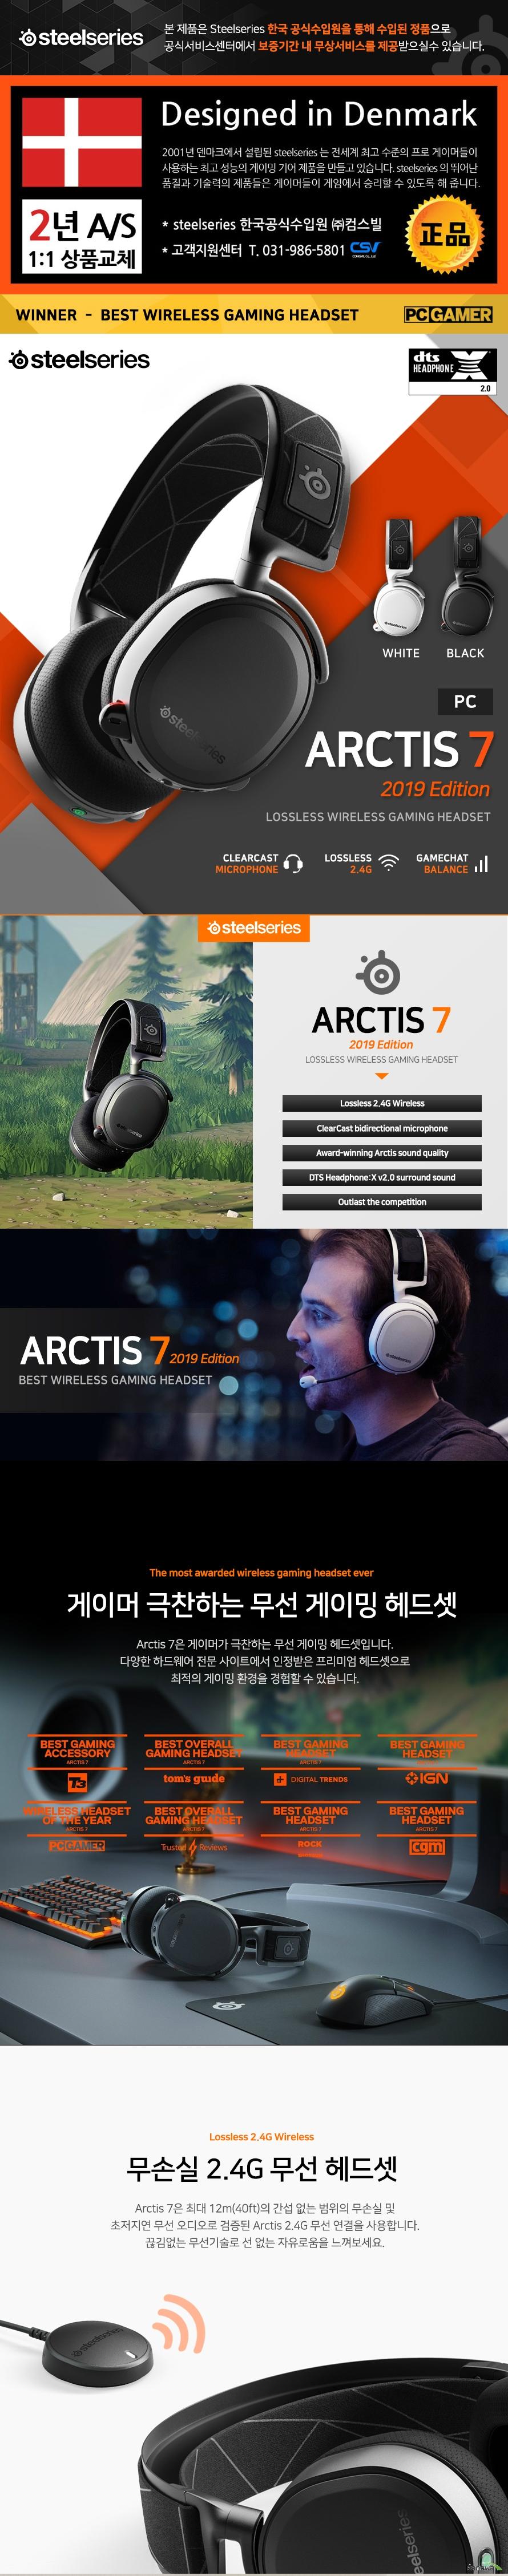 arctis7 2019 edition 게이머 극찬하는 무선 게이밍 헤드셋 Arctis 7은 게이머가 극찬하는 무선 게이밍 헤드셋입니다. 다양한 하드웨어 전문 사이트에서 인정받은 프리미엄 헤드셋으로 최적의 게이밍 환경을 경험할 수 있습니다.  무손실 2.4G 무선 헤드셋 Arctis 7은 최대 12m(40ft)의 간섭 없는 범위의 무손실 및 초저지연 무선 오디오로 검증된 Arctis 2.4G 무선 연결을 사용합니다. 끊김없는 무선기술로 선 없는 자유로움을 느껴보세요. CLEARCAST 마이크 스튜디오급의 음질을 보여주는 Discord 인증 CLEARCAST 마이크는 또렷한 음성대화가 가능하며, 주변소음을 완벽하게 차단해 줍니다. 수상 경력에 빛나는 고품질 사운드  고품질의 S1 스피커 드라이버보다 더 나은 사운드와 저음역대의 보강으로 미세한 소리까지 놓치지 않고 구현해줍니다. 뛰어난 현장감과 생생한 사운드로 게이밍에 최적화 된 환경을 제공해줍니다.  오래 지속되는 배터리 24시간의 연속플레이가 가능 한 배터리 수명을 갖춘 Arctis 7은 끊김없는 게임 플레이가 가능합니다. DTS Headphone:X 2.0 기술 차세대 DTS의 서라운드 사운드인 Headphone : X 2.0 기술은  헤드셋을 통한 3D 가상화를 제공합니다. 채널 기반, 장면 기반 및 객체 기반 오디오 지원을 포함하여 향상된 게이밍을 경험할 수 있습니다.  게임과 채팅 오디오 밸런스 별도의 소프트웨어나 PC에서 조절할 필요없이, ChatMix Dial로  게임과 채팅의 오디오 밸런스를 쉽고 간편하게 조절할 수 있습니다. 보안된 컨트롤 버튼 쉽게 움직이던 기존 헤드셋 컨트롤을 보안한 새로운 컨트롤 제어 버튼으로 작고 탄탄하게 만들어져 우발적인 볼륨 컨트롤을 감소시켜 게임에 집중할 수 있습니다.  혁신적인 편안함 경량 설계와 혁신적인 서스펜션 디자인, 스포츠 용품의 기술에서 영감을 얻은 AirWeave 이어쿠션 장착으로, 장시간 착용시에도 편안하고 안정감있는 착용감과 쾌적하게 게이밍을 즐길 수 있습니다. 스틸시리즈 엔진 3 스틸시리즈 엔진 3 으로 자신만의 사운드를 커스텀 해보세요. 직관적인 인터페이스를 통한 EQ를 조절하고, 마이크 설정할 수 있으며 또한 각 게임별로 자신만의 세팅을 할 수 있습니다.